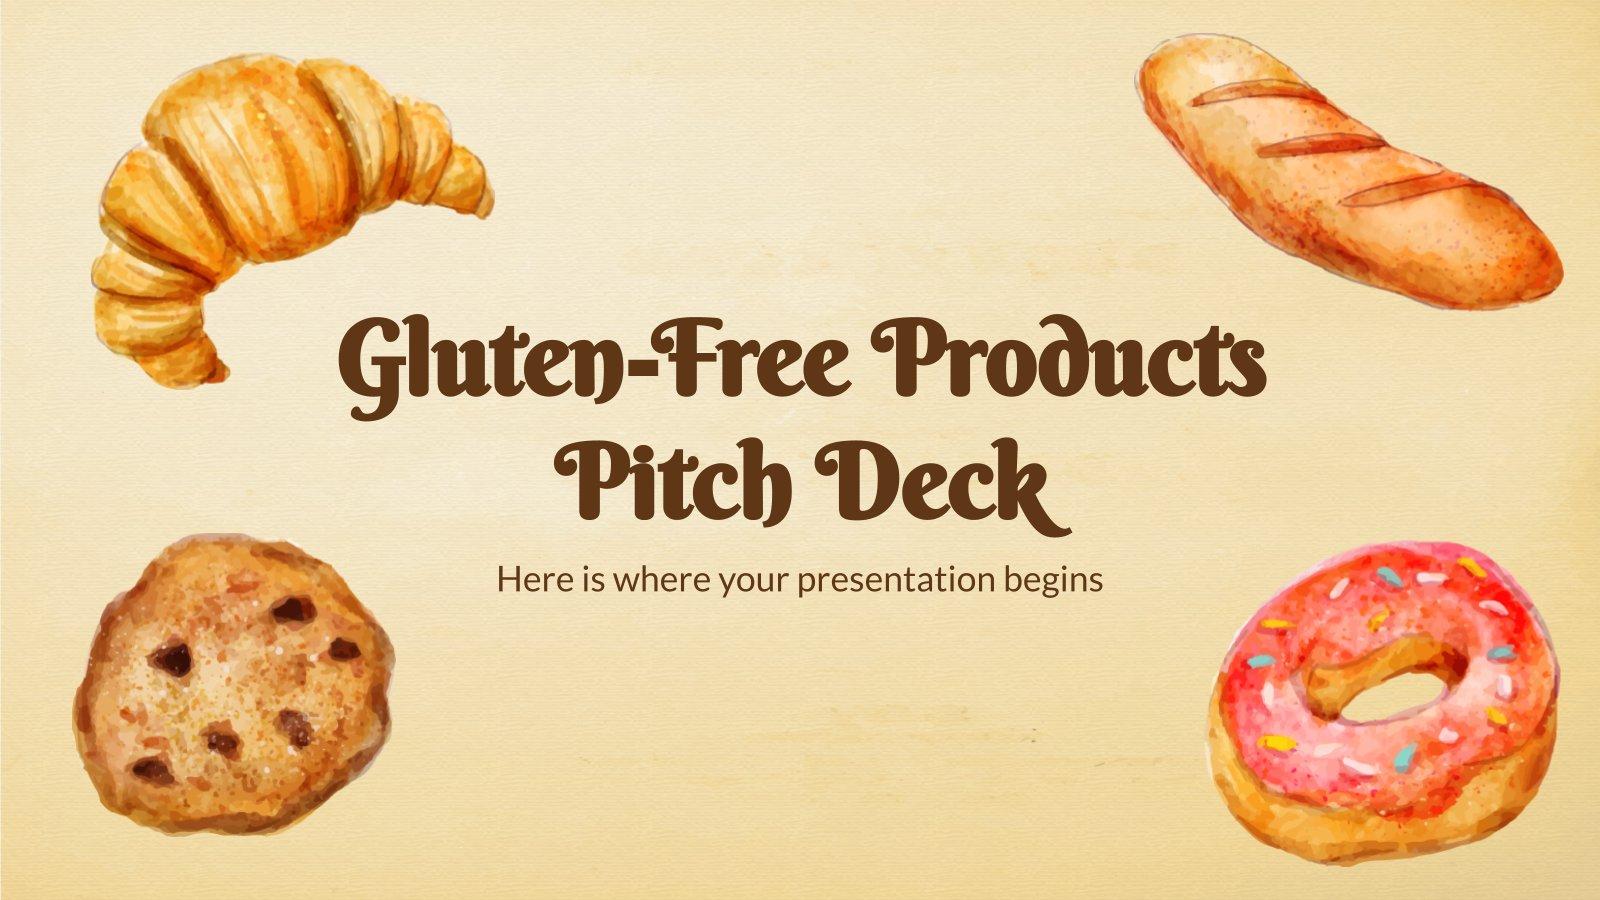 Plantilla de presentación Pitch deck de productos sin gluten